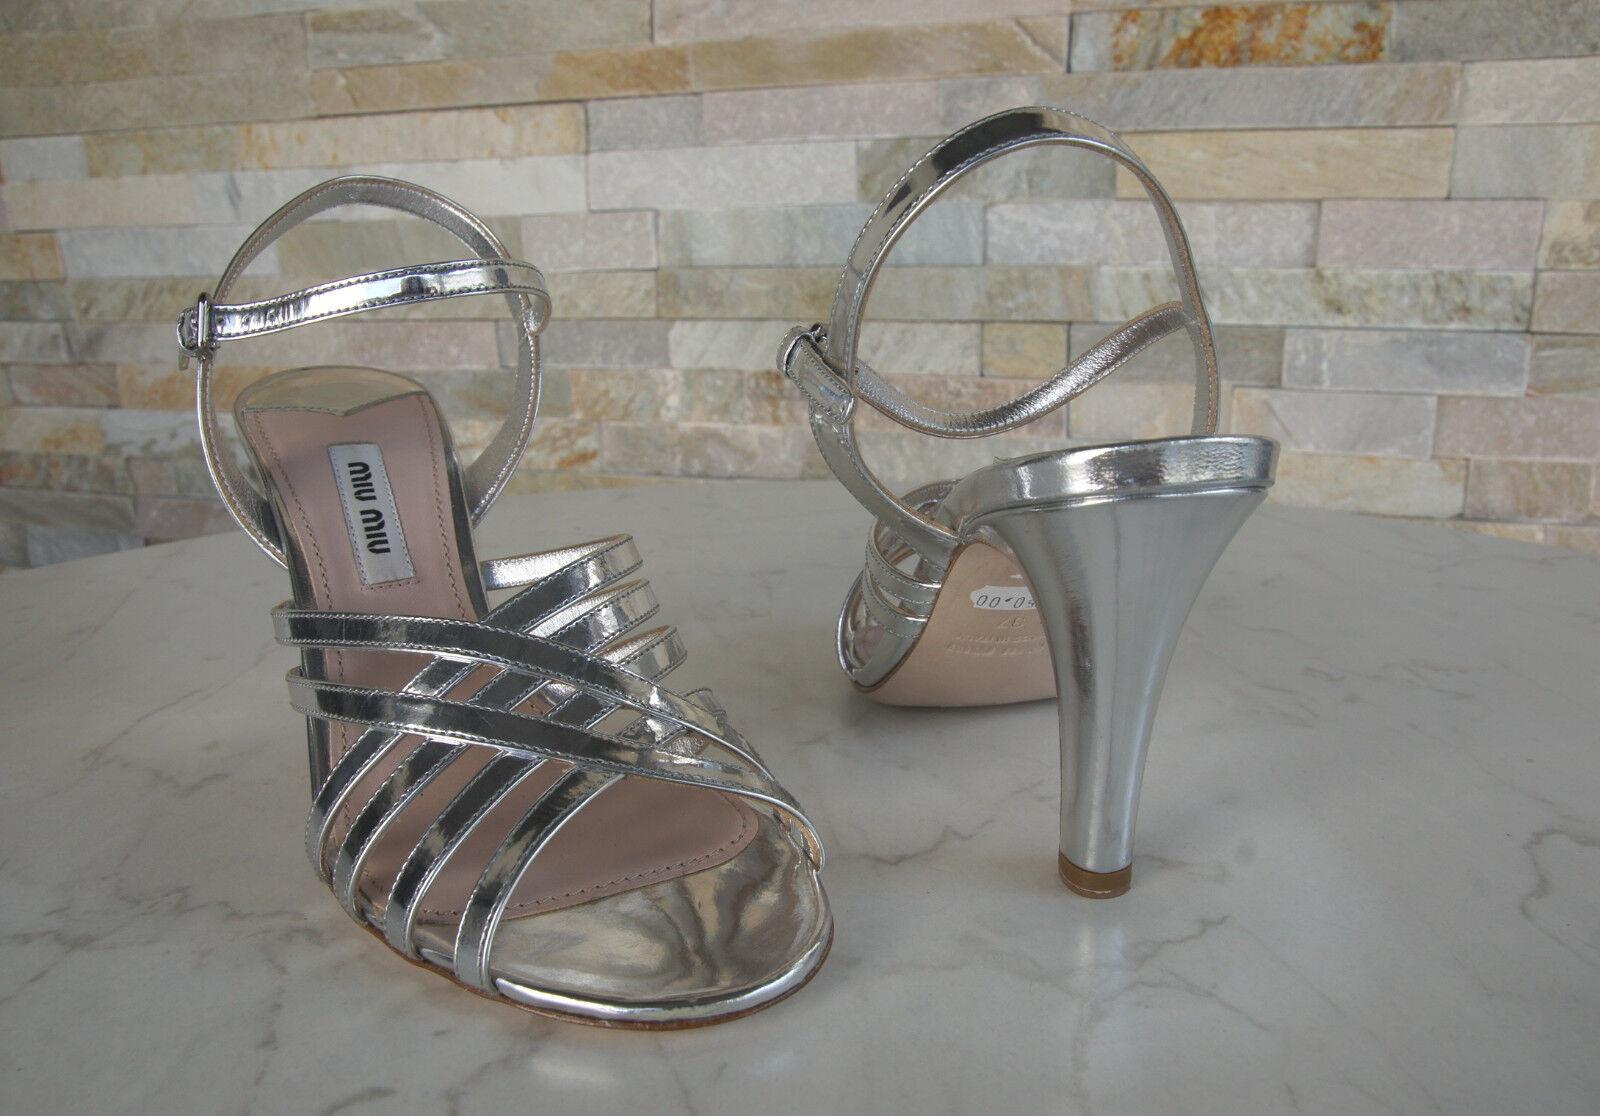 Luxus Sandaletten MIU MIU Gr 37 Sandaletten Luxus High Heels Schuhe silber NEU 1501b9